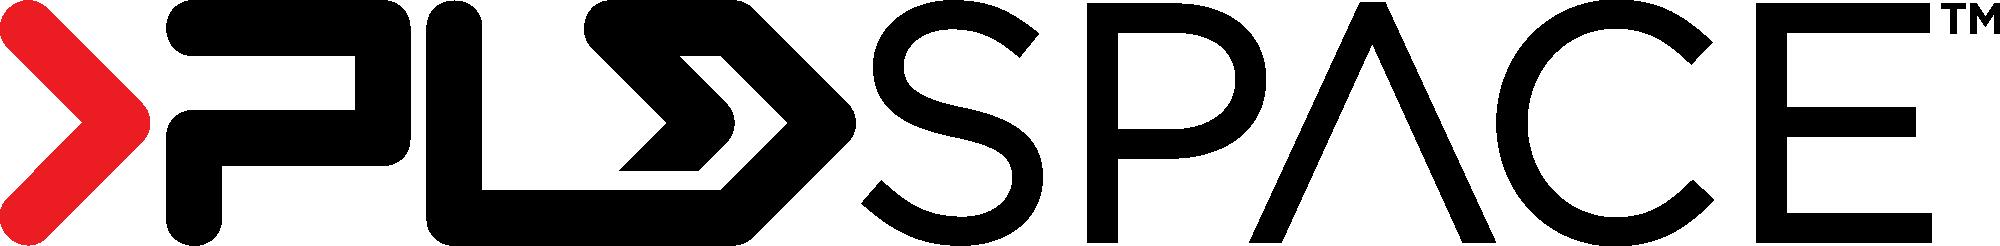 PLD Space logo colaboradores éster martinez idiomas ingles empresas